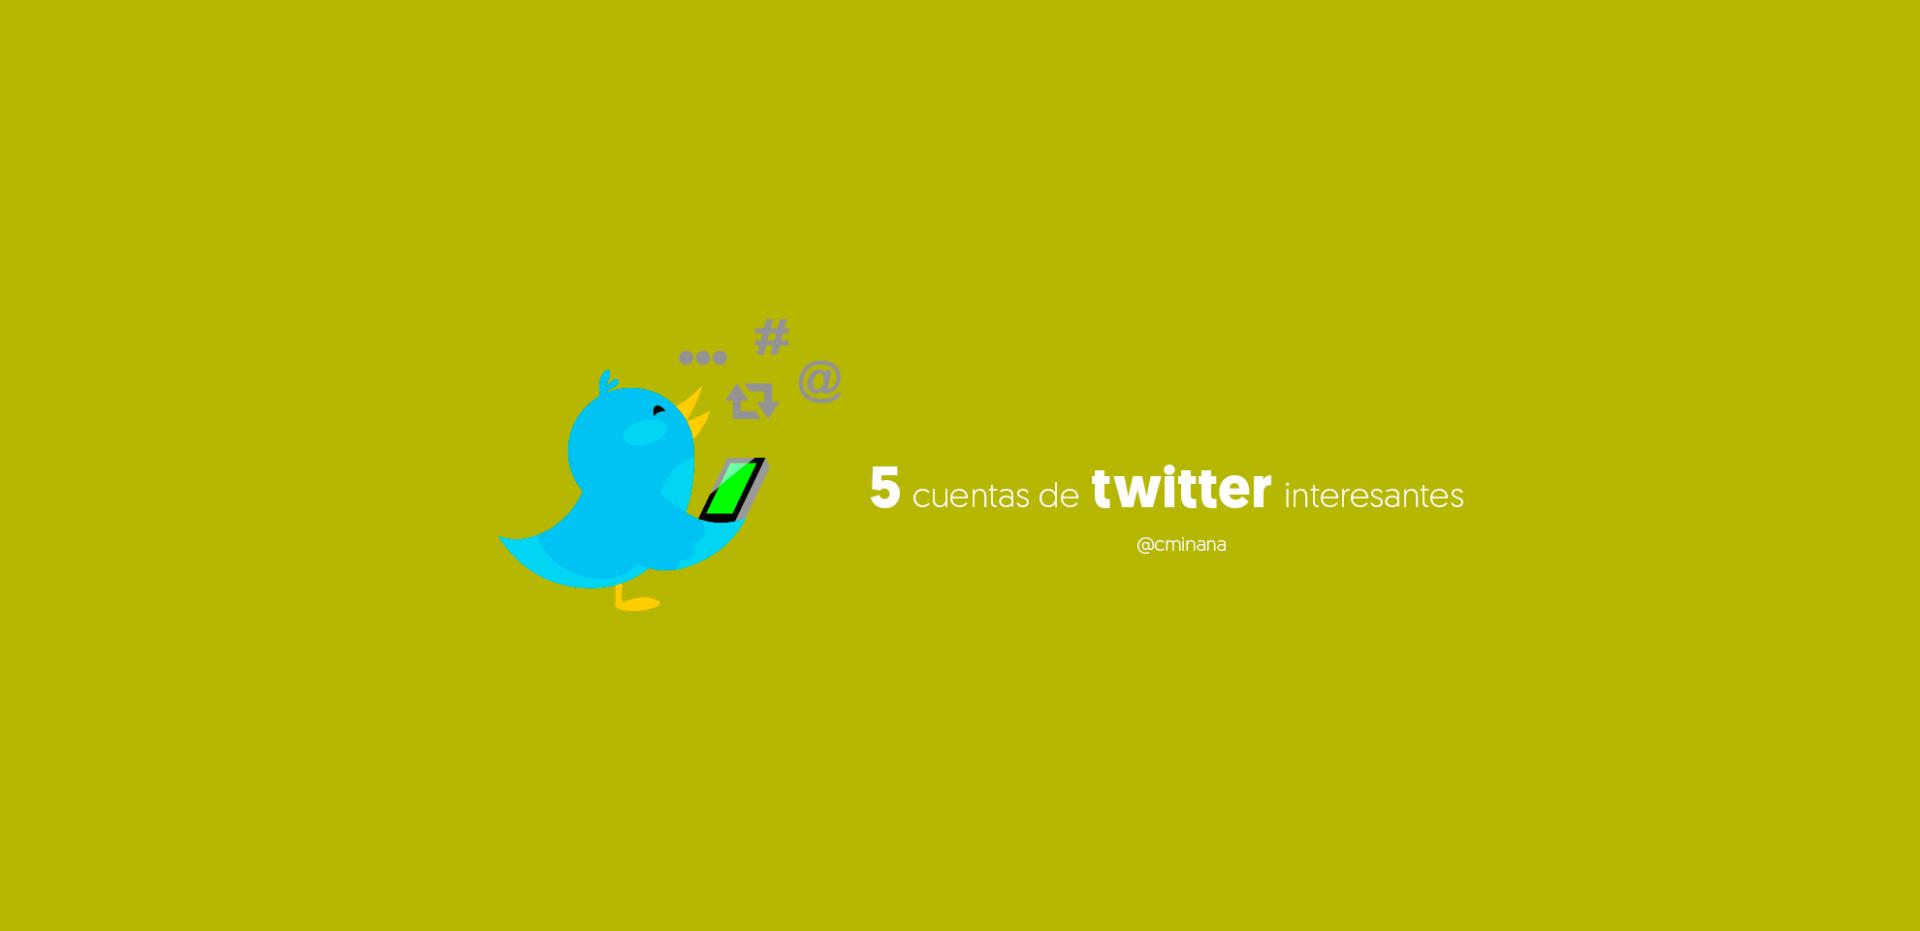 cuentas twitter